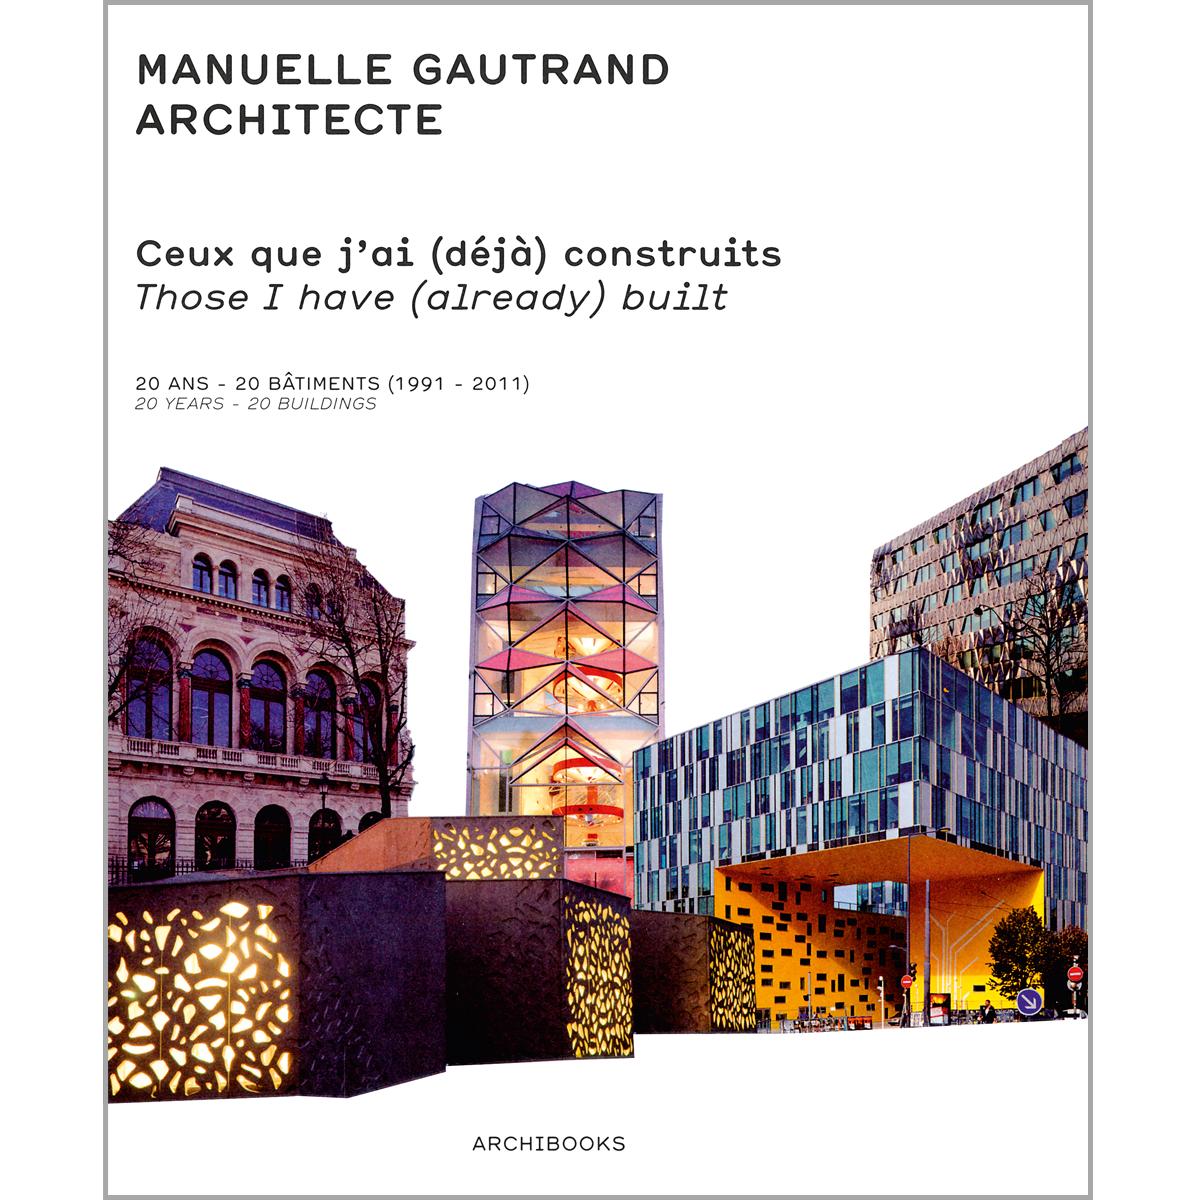 Manuelle Gautrand Architecte